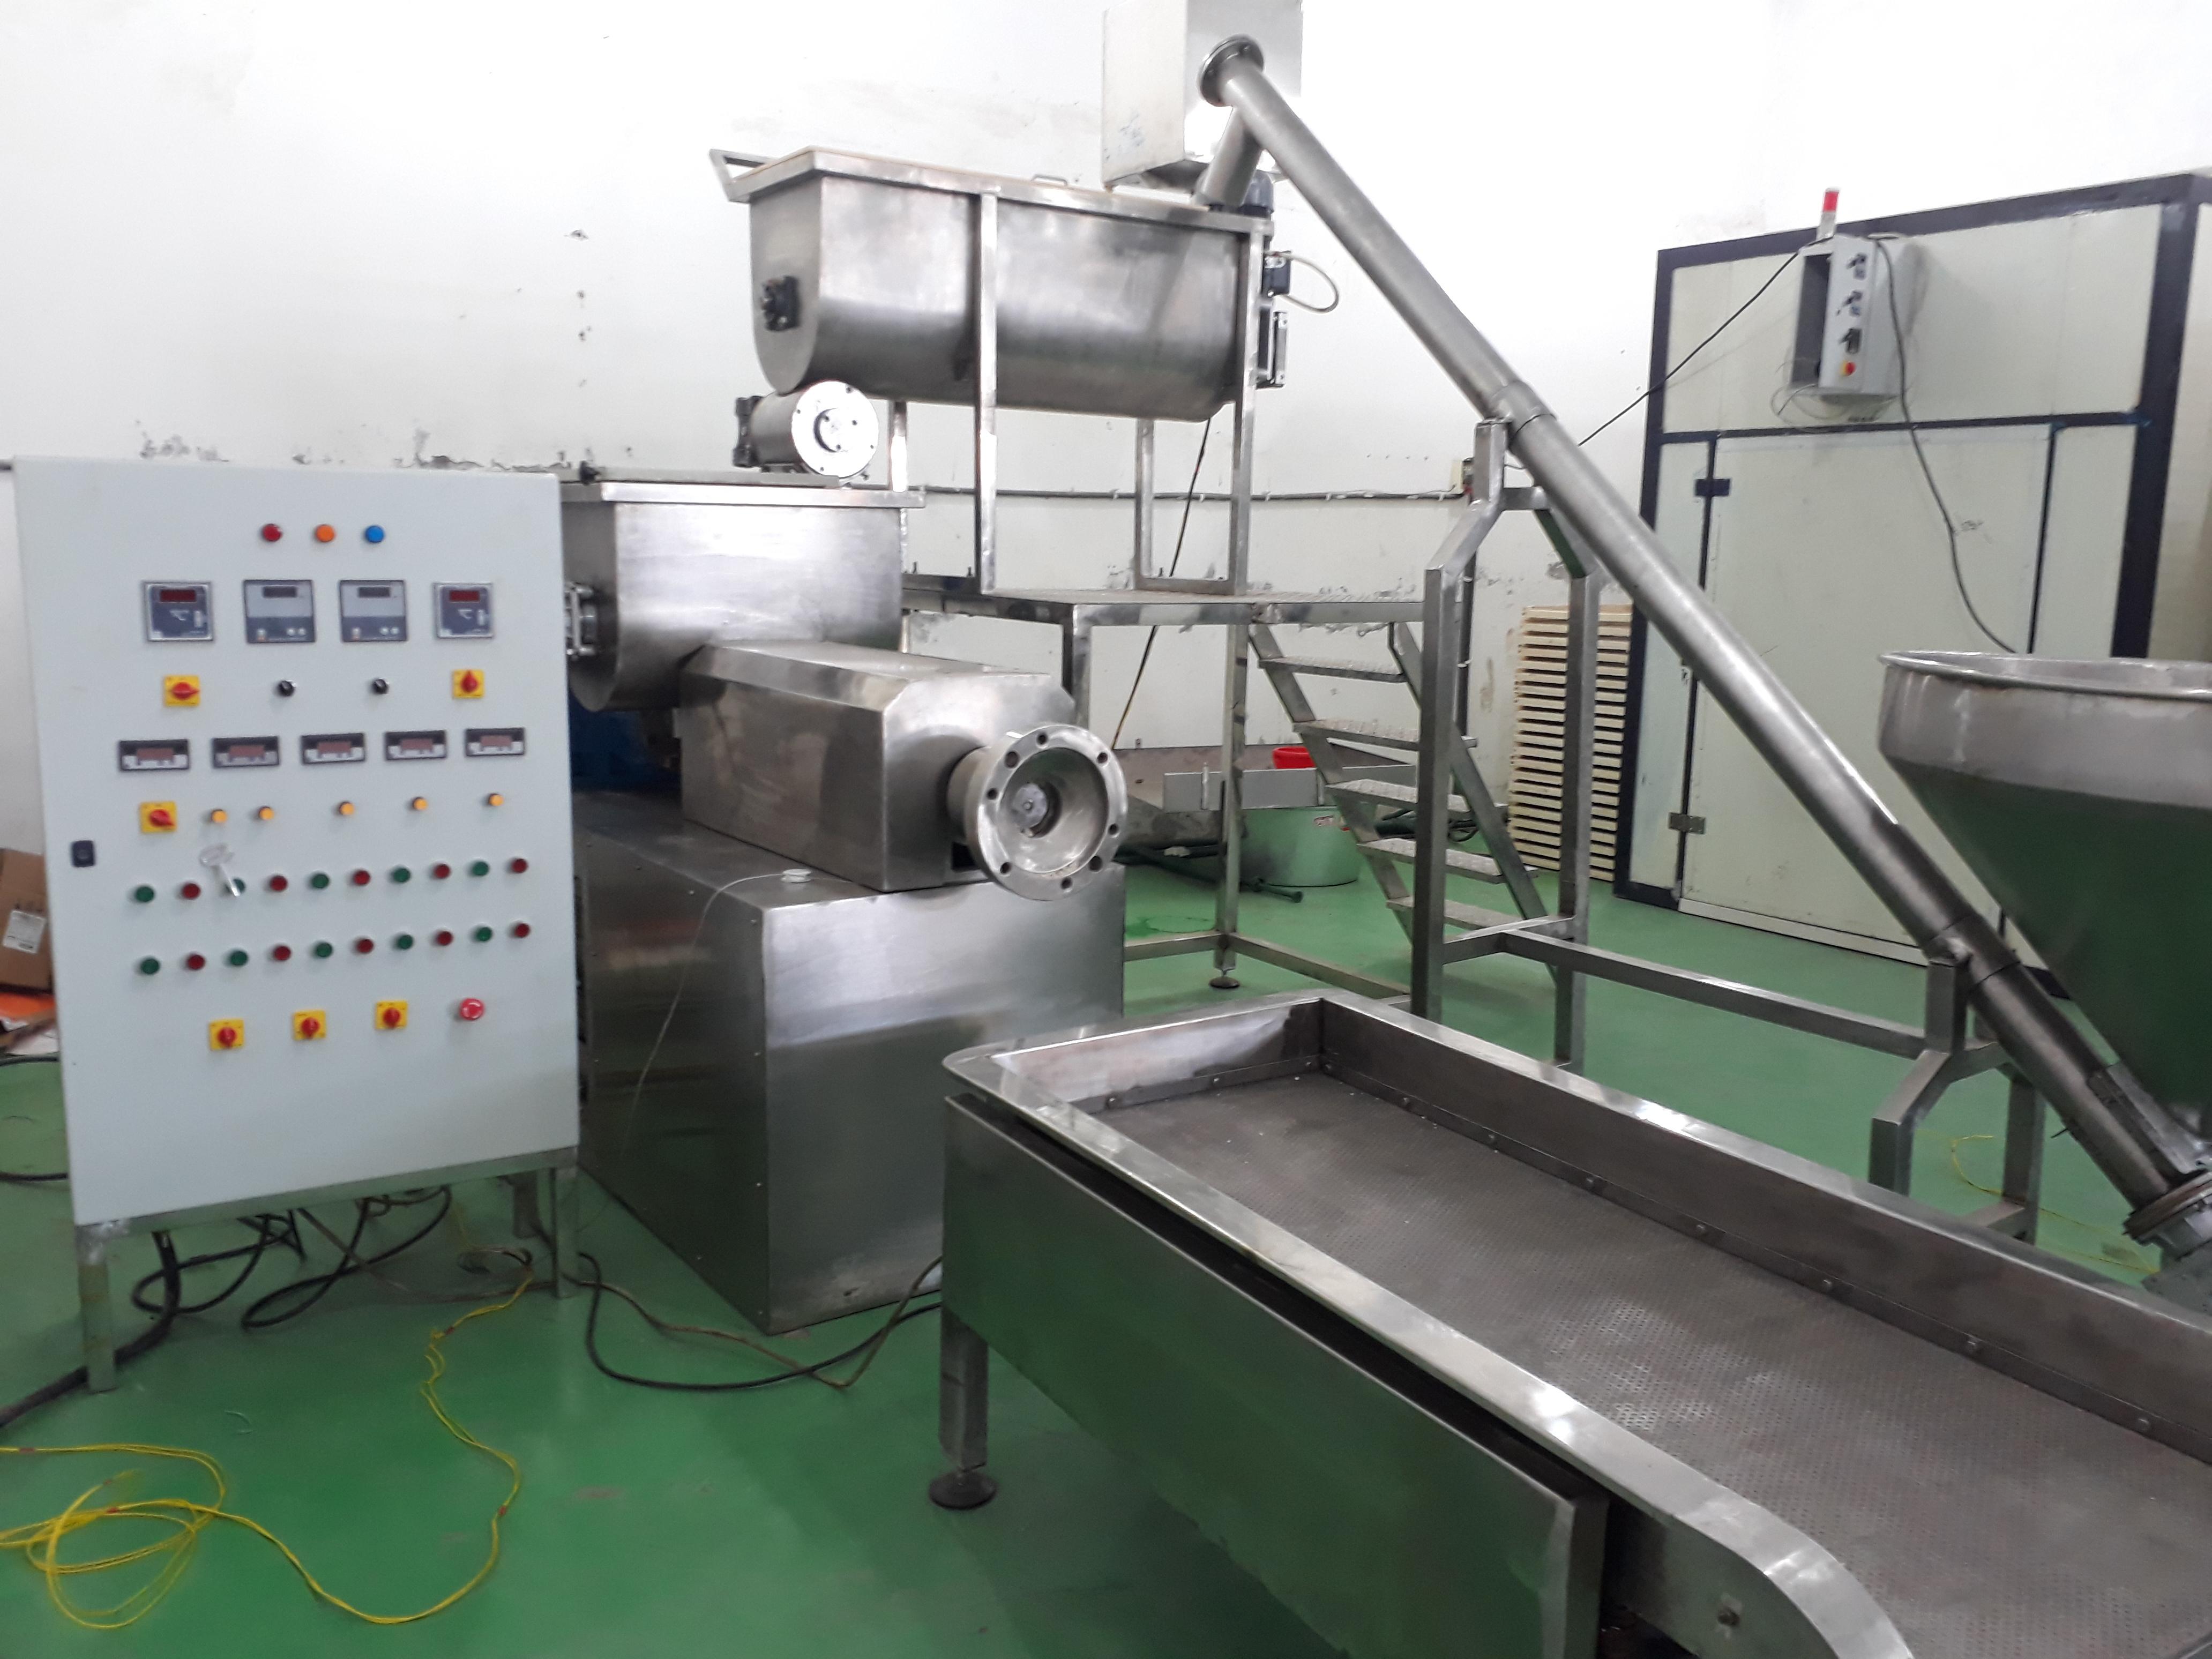 Industrial Pasta Making Machine 300 kg/h